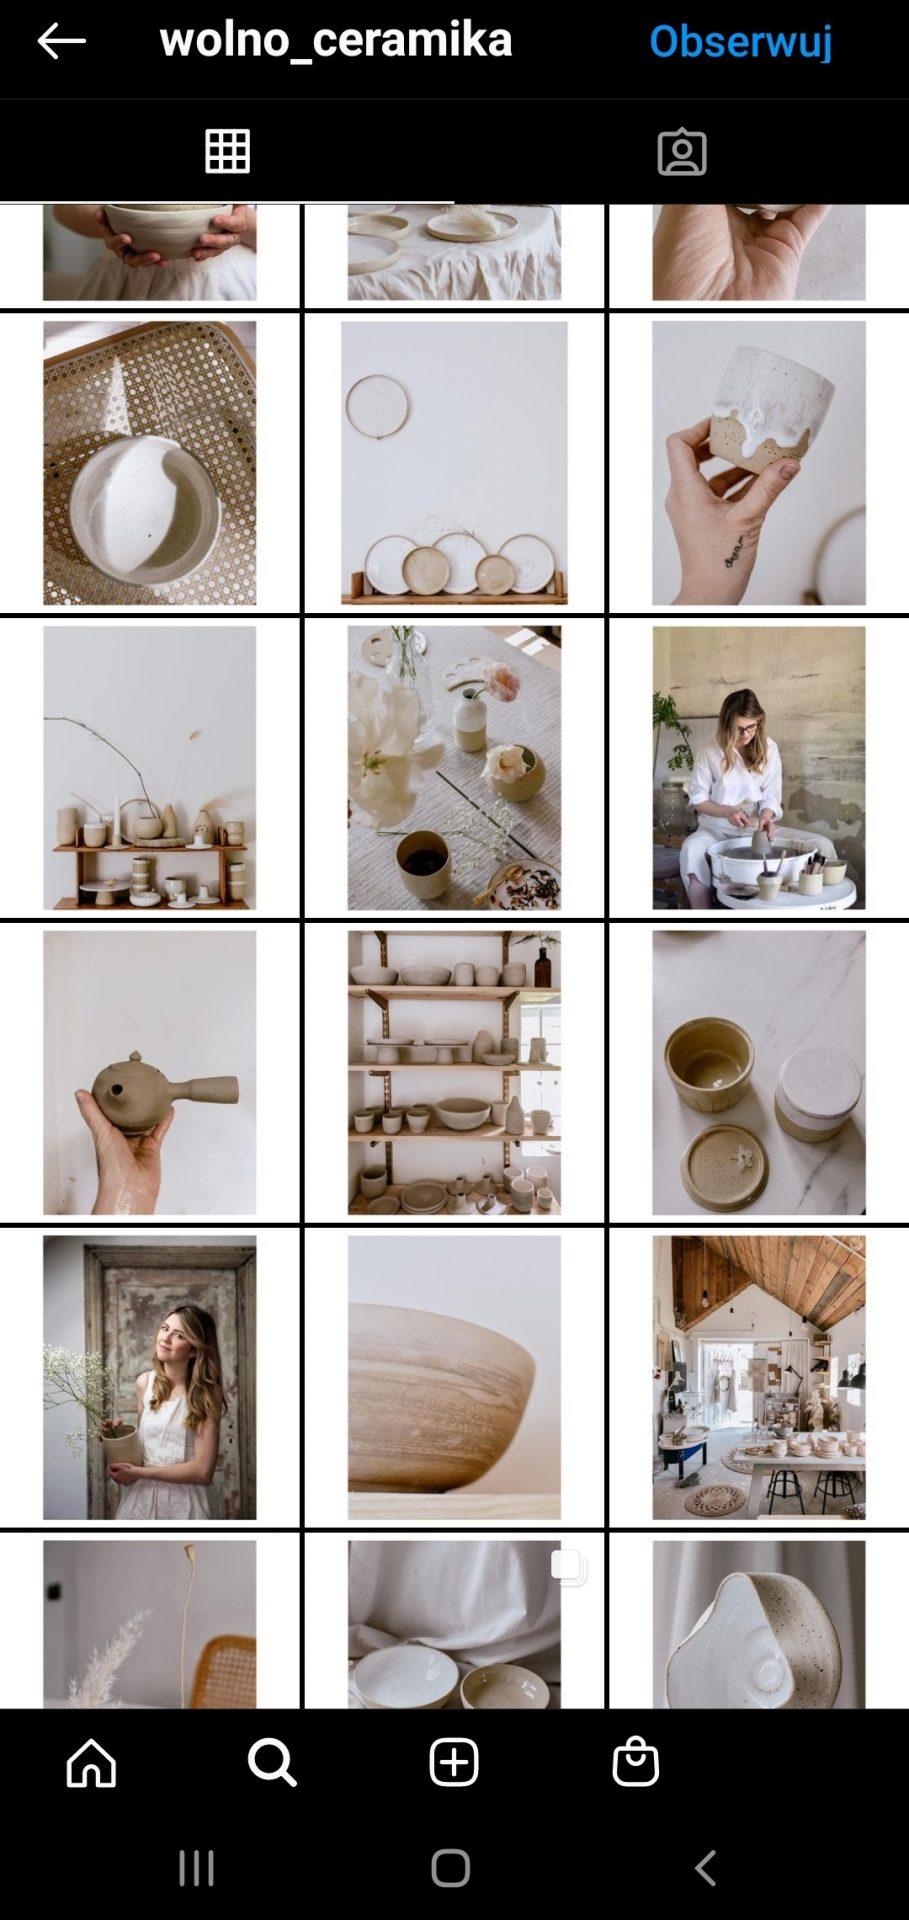 Przykład marki, która publikuje spójne zdjęcia na Instagramie.